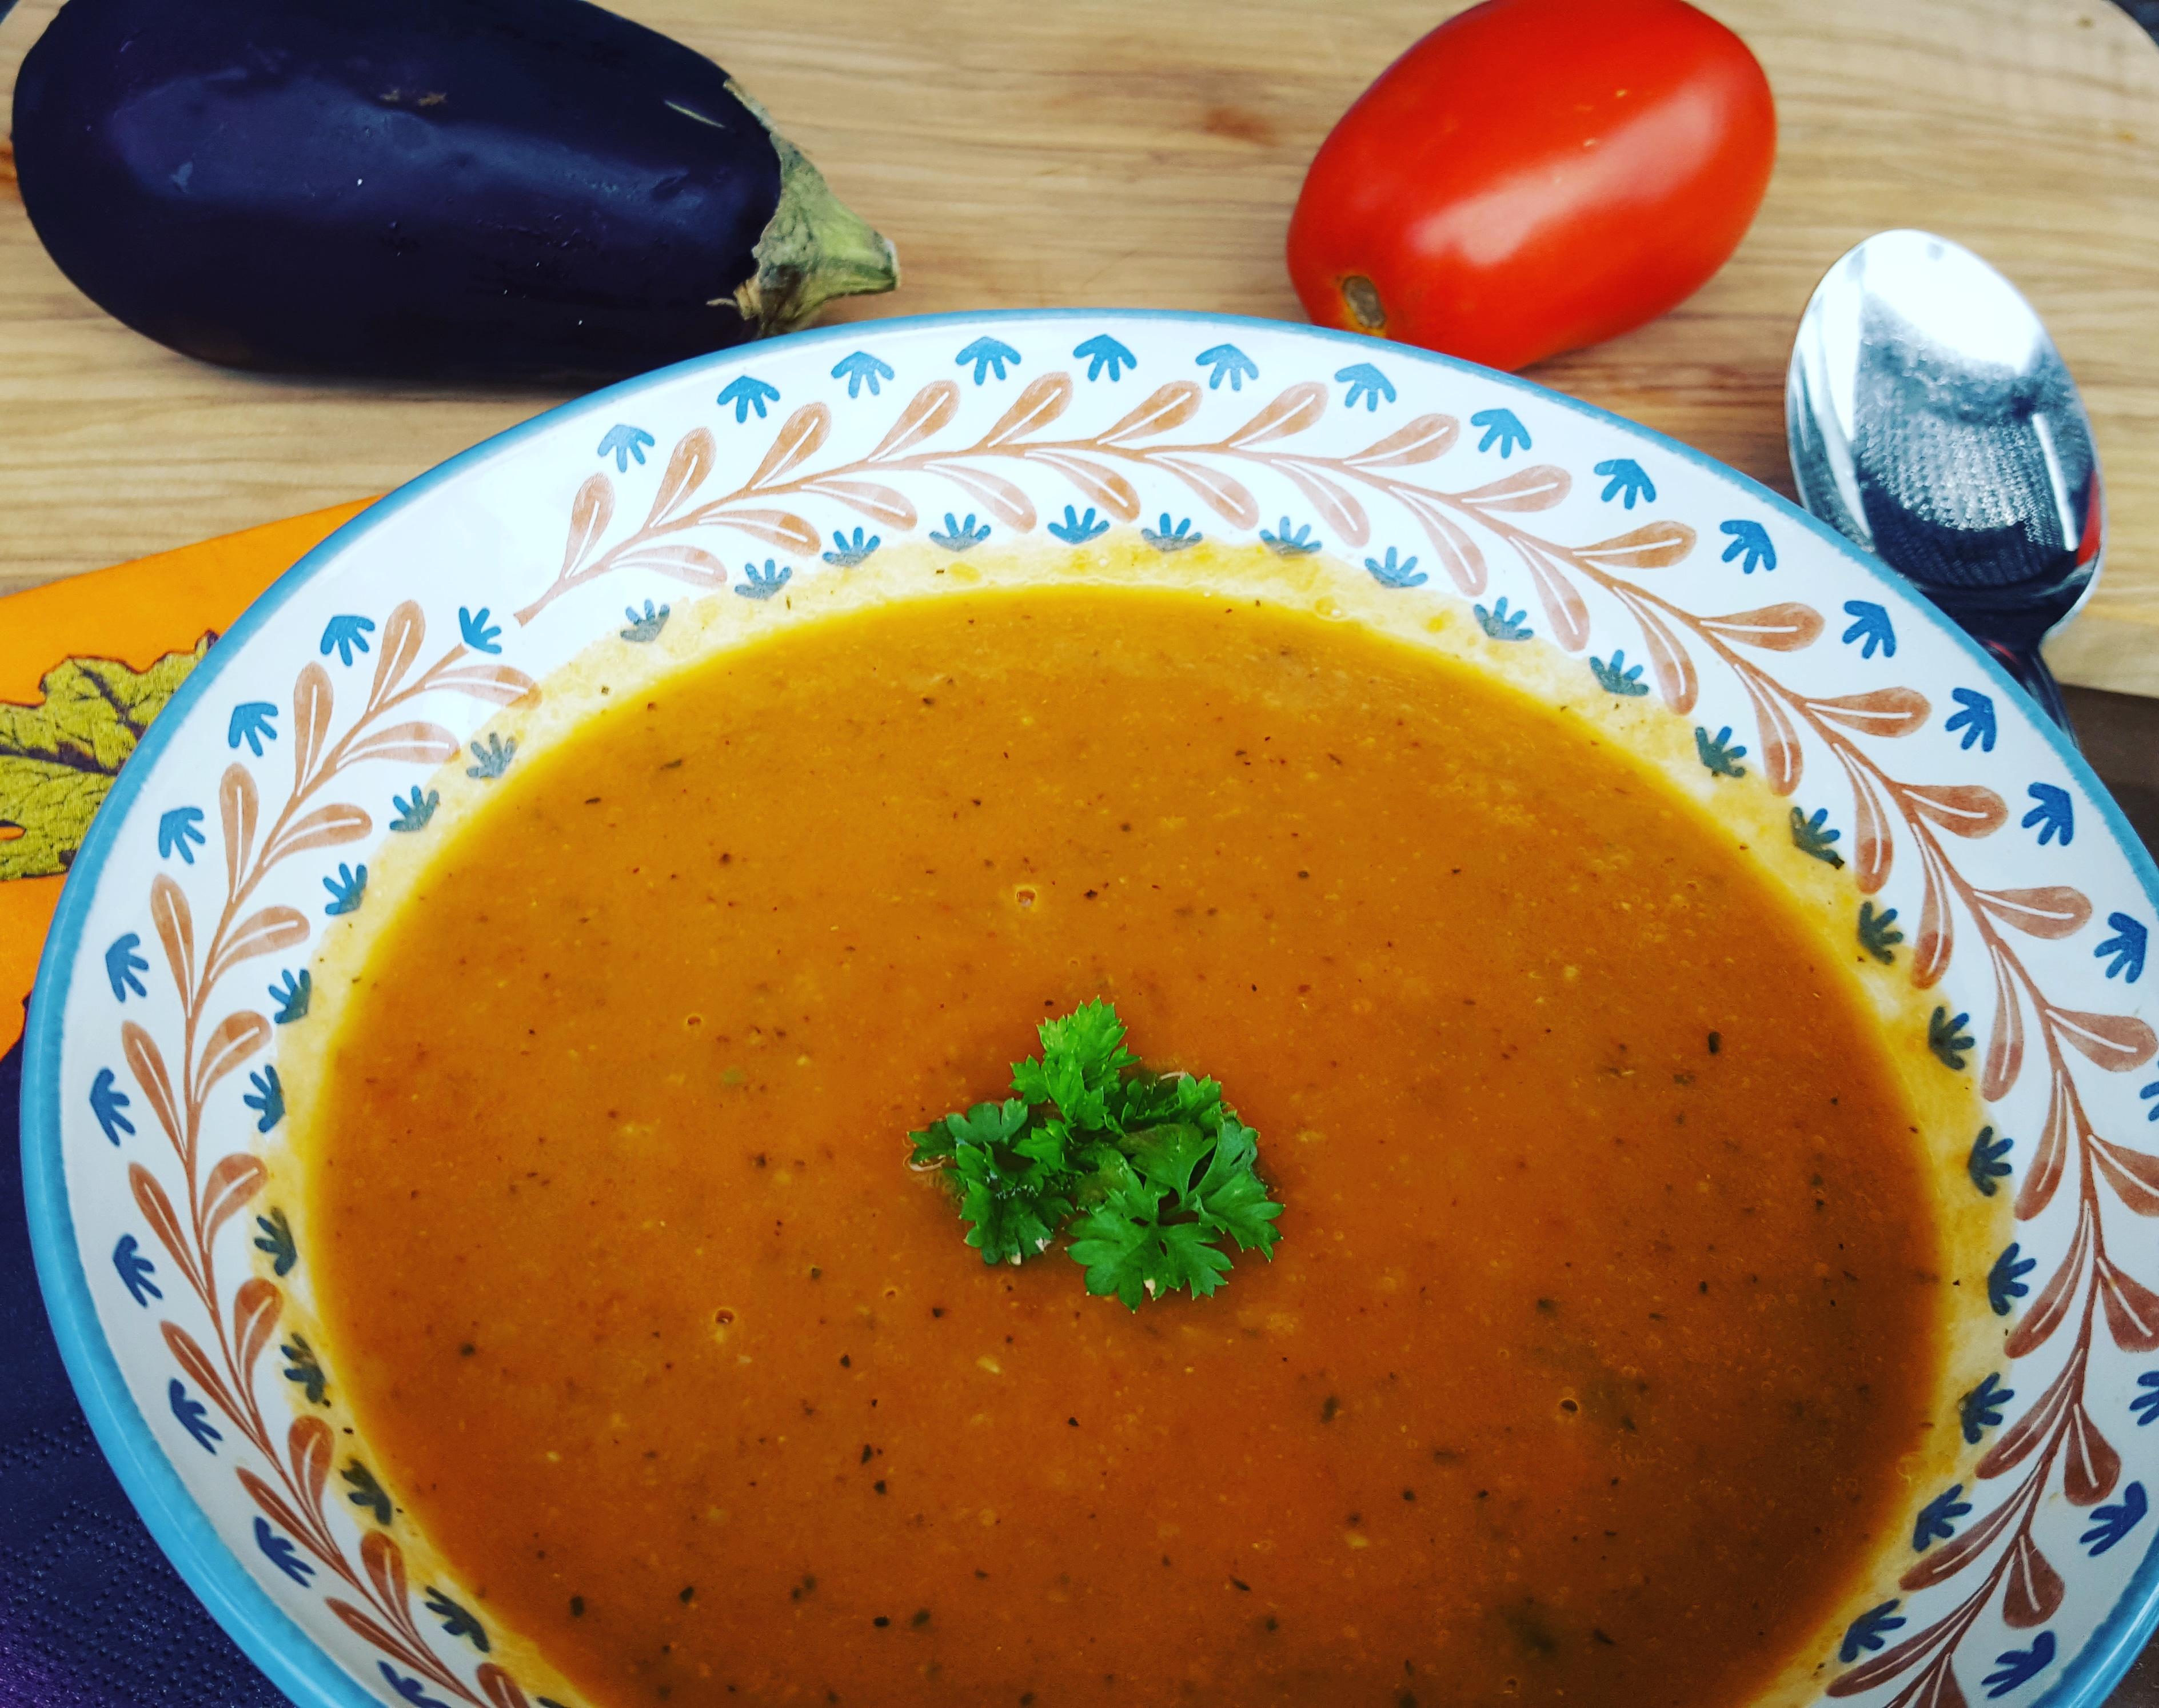 potage aux tomates la proven ale les saveurs de marie. Black Bedroom Furniture Sets. Home Design Ideas